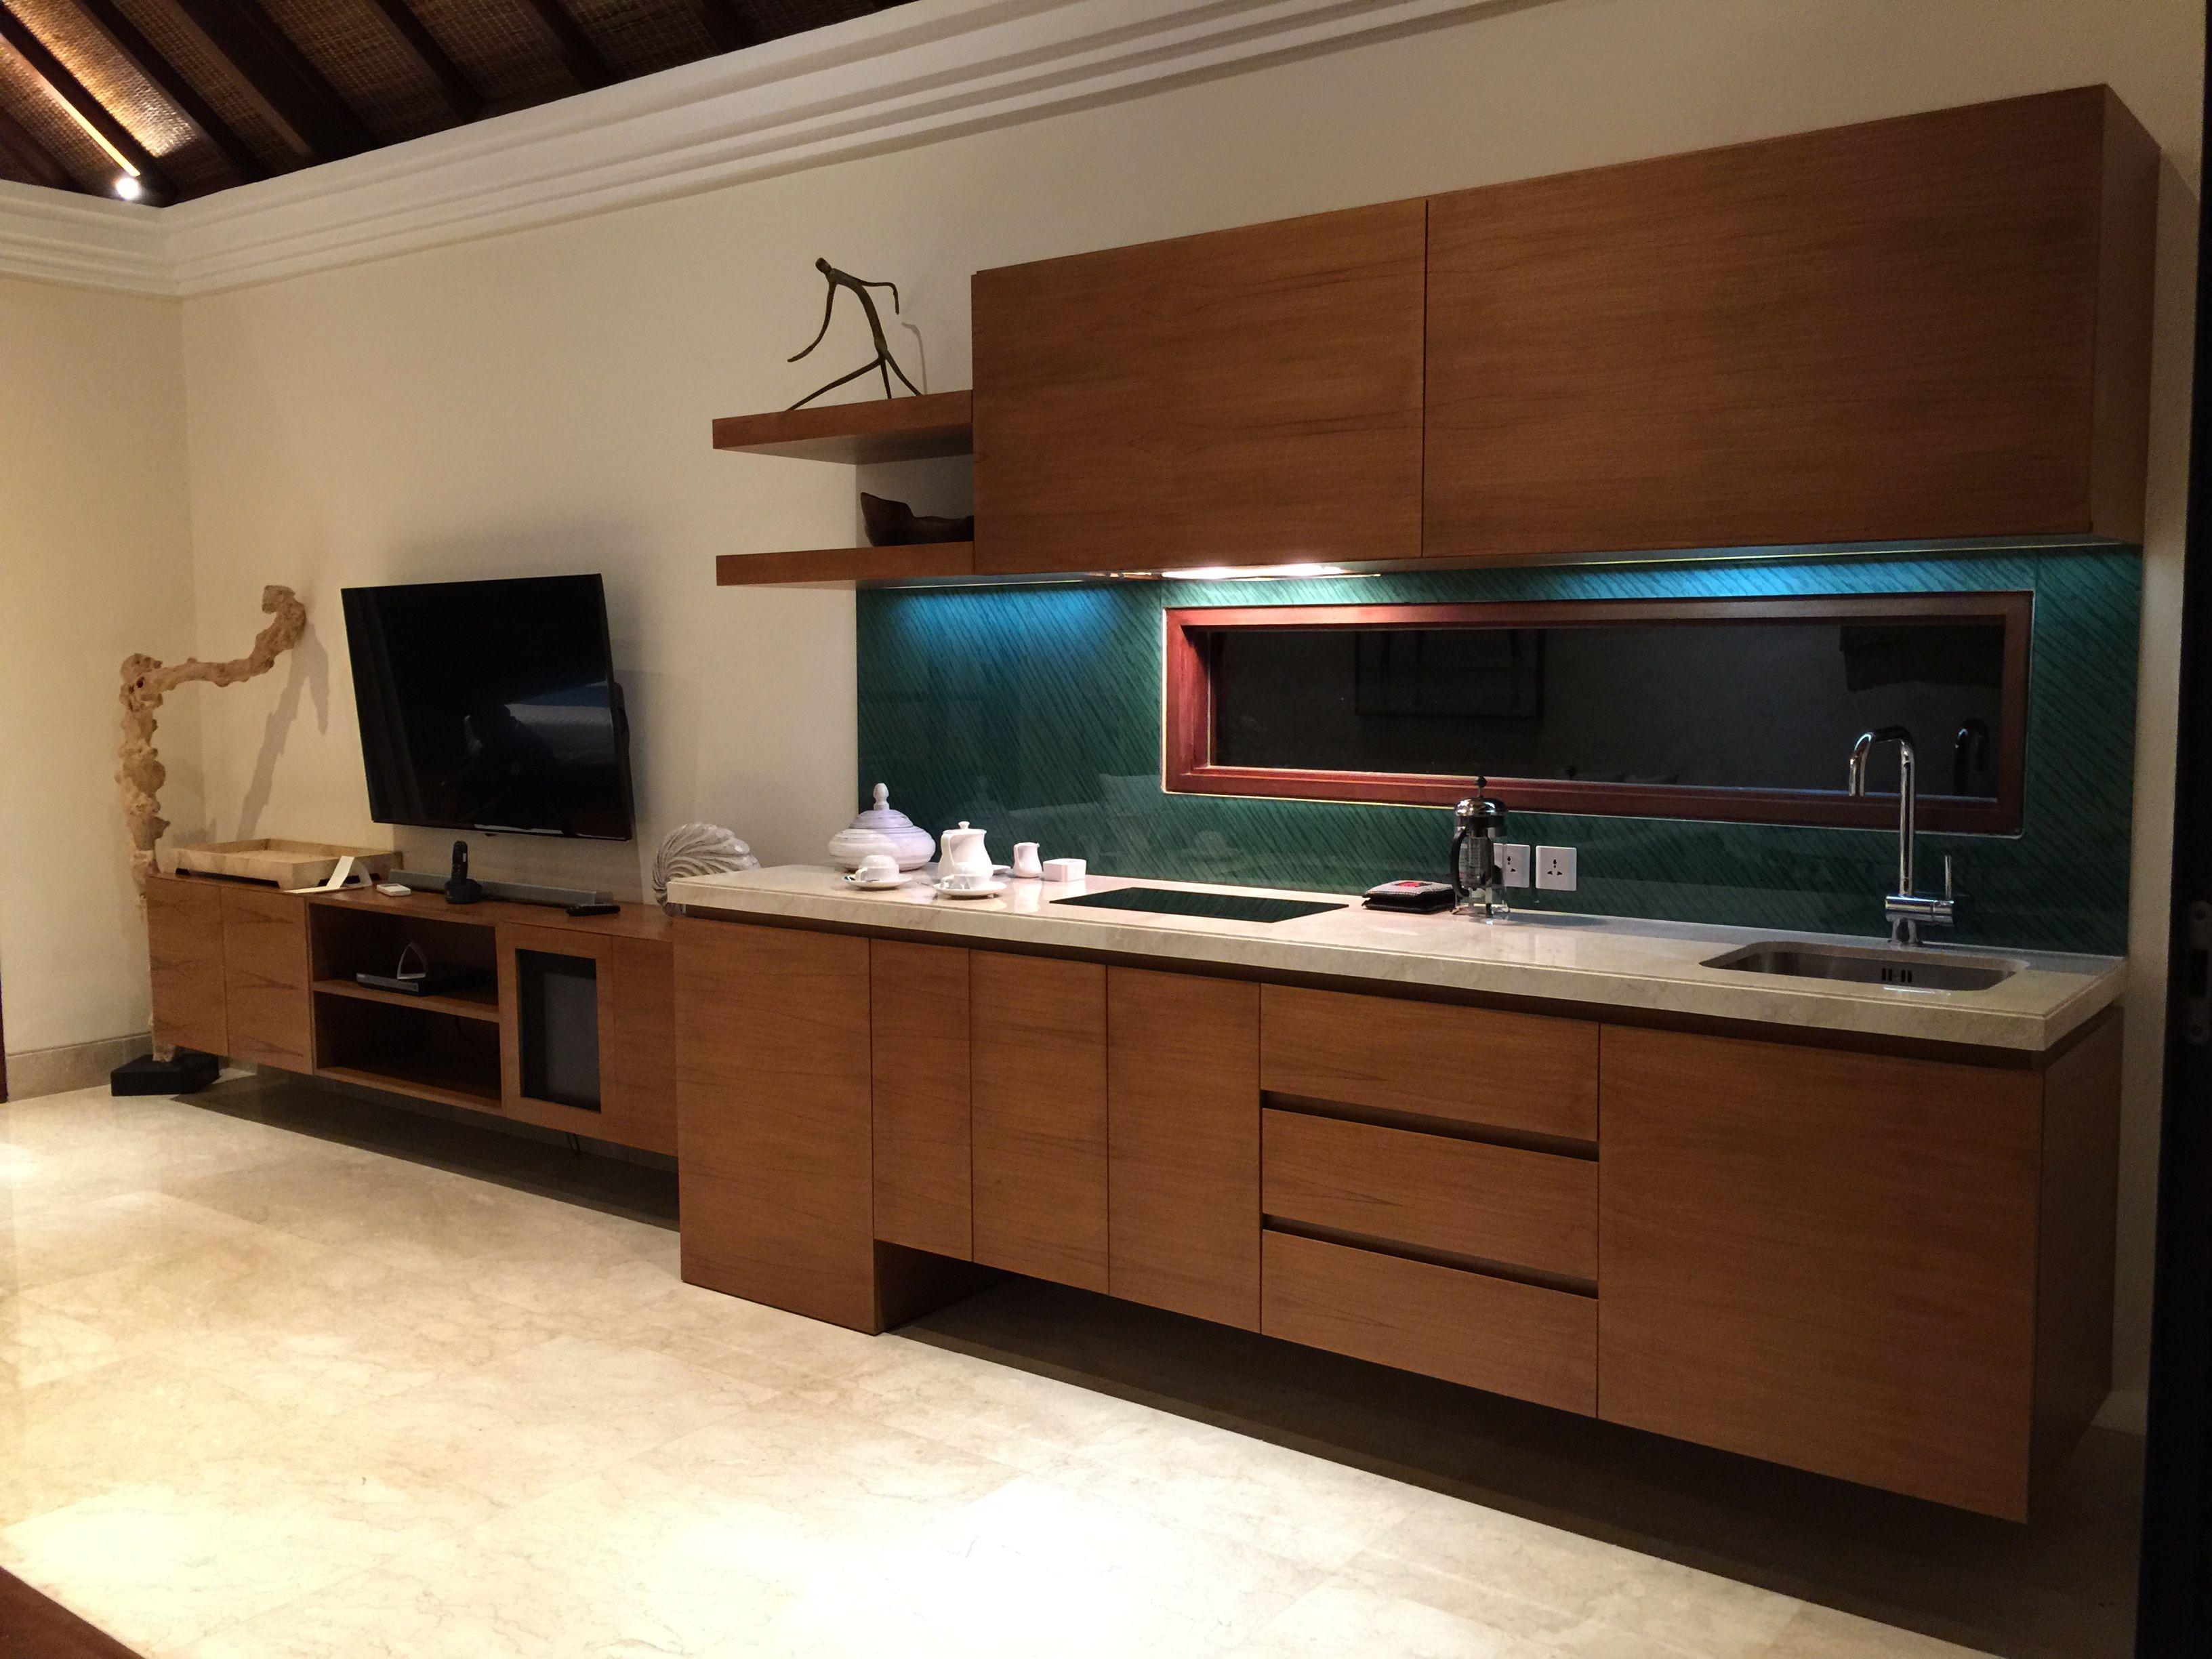 Kitchen by Area Bali Design with Designer Mink